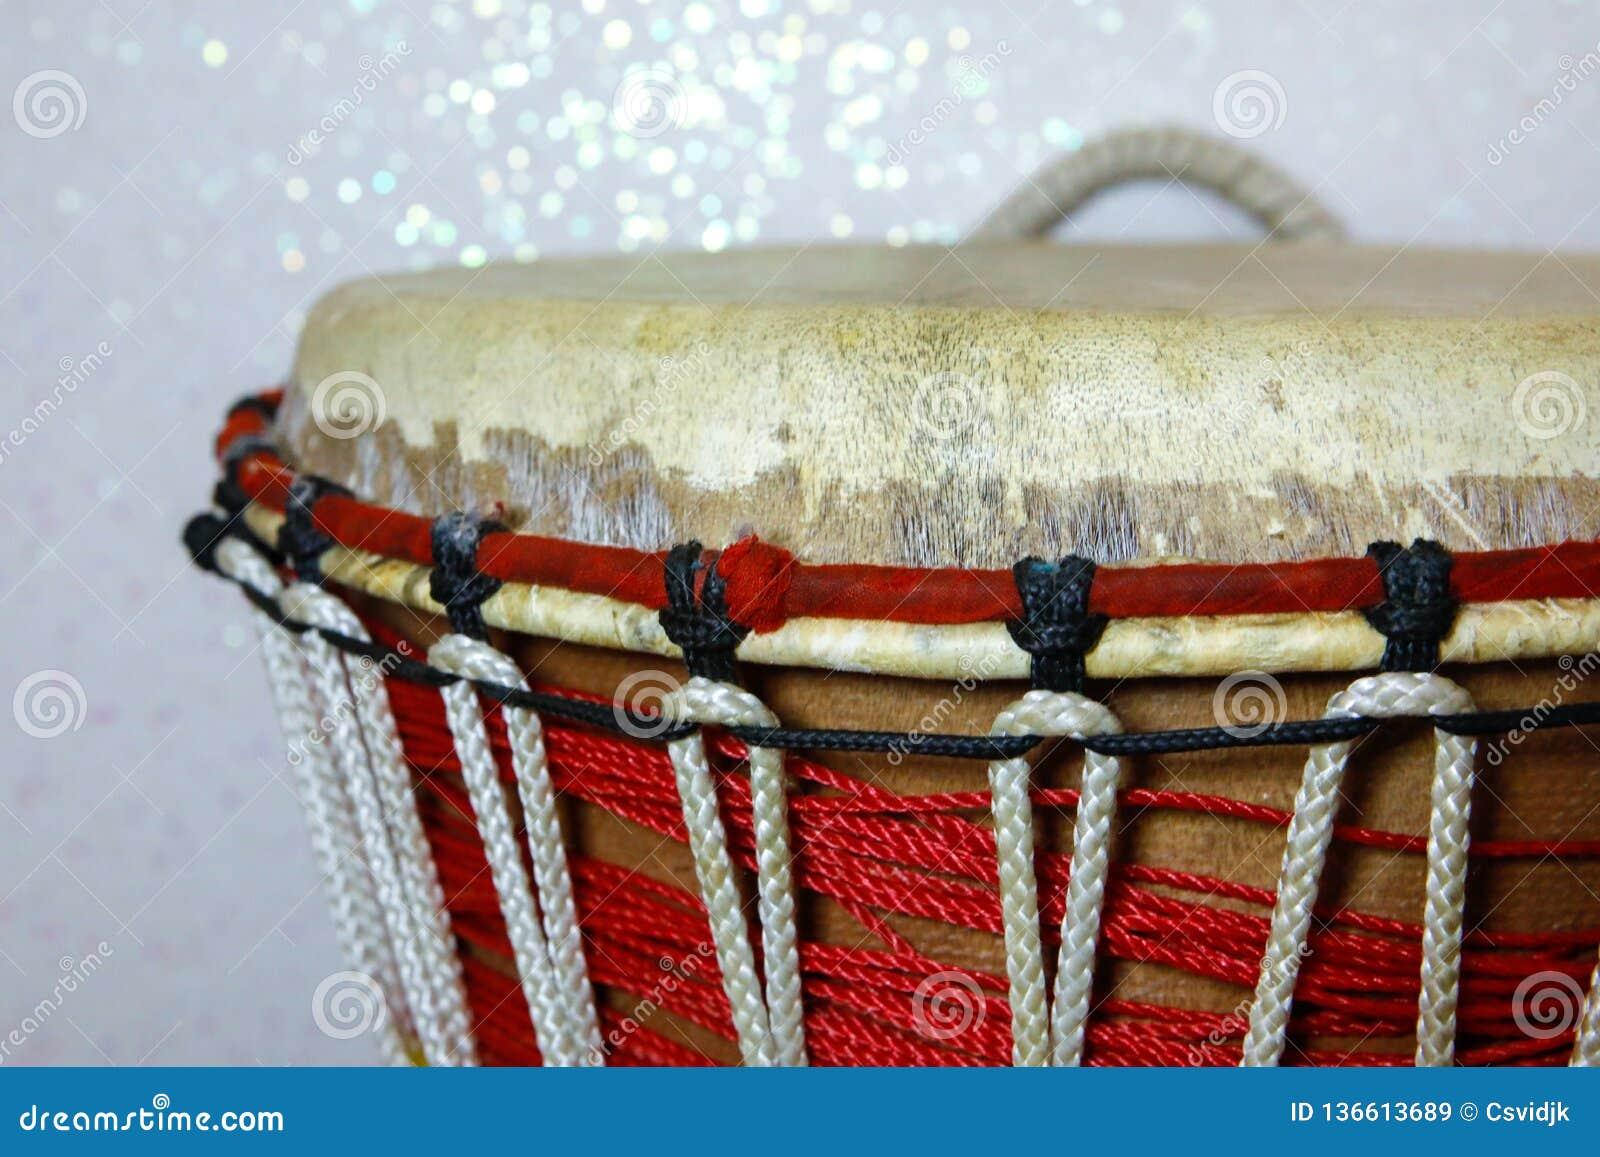 African wooden drum djembe